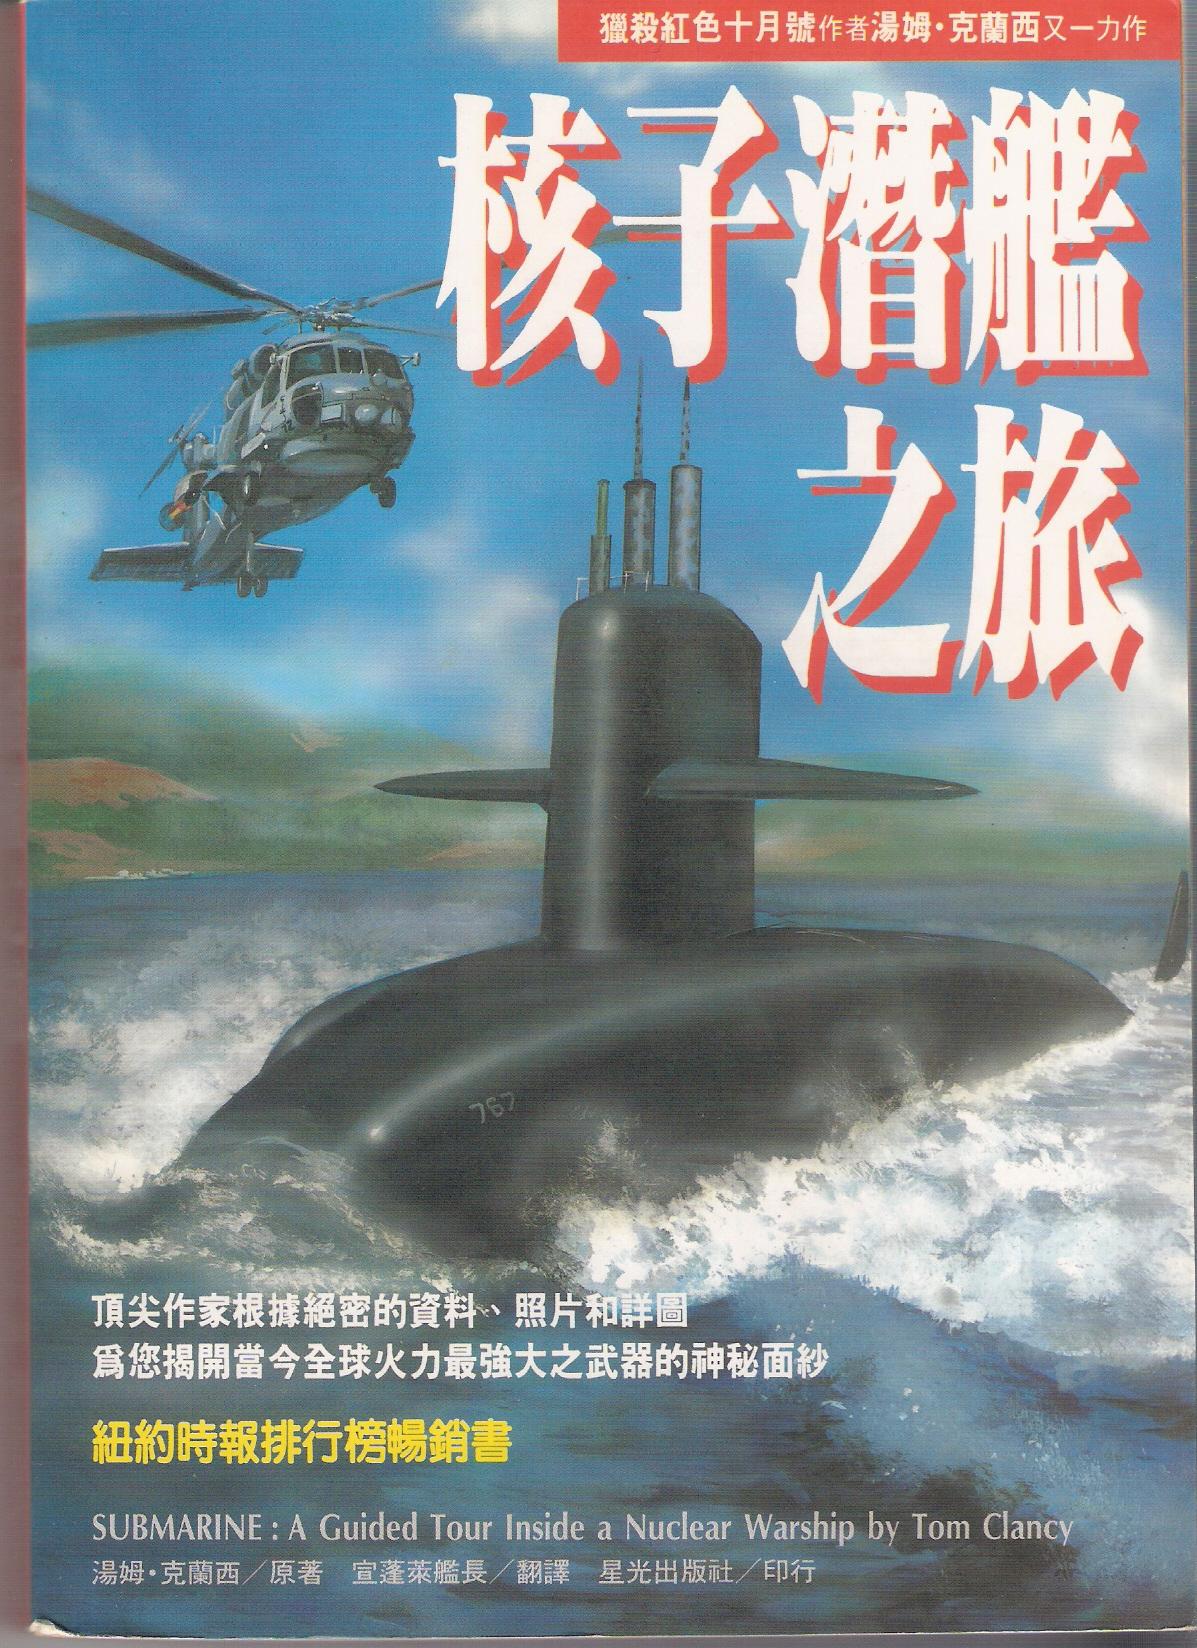 核子潛艦之旅